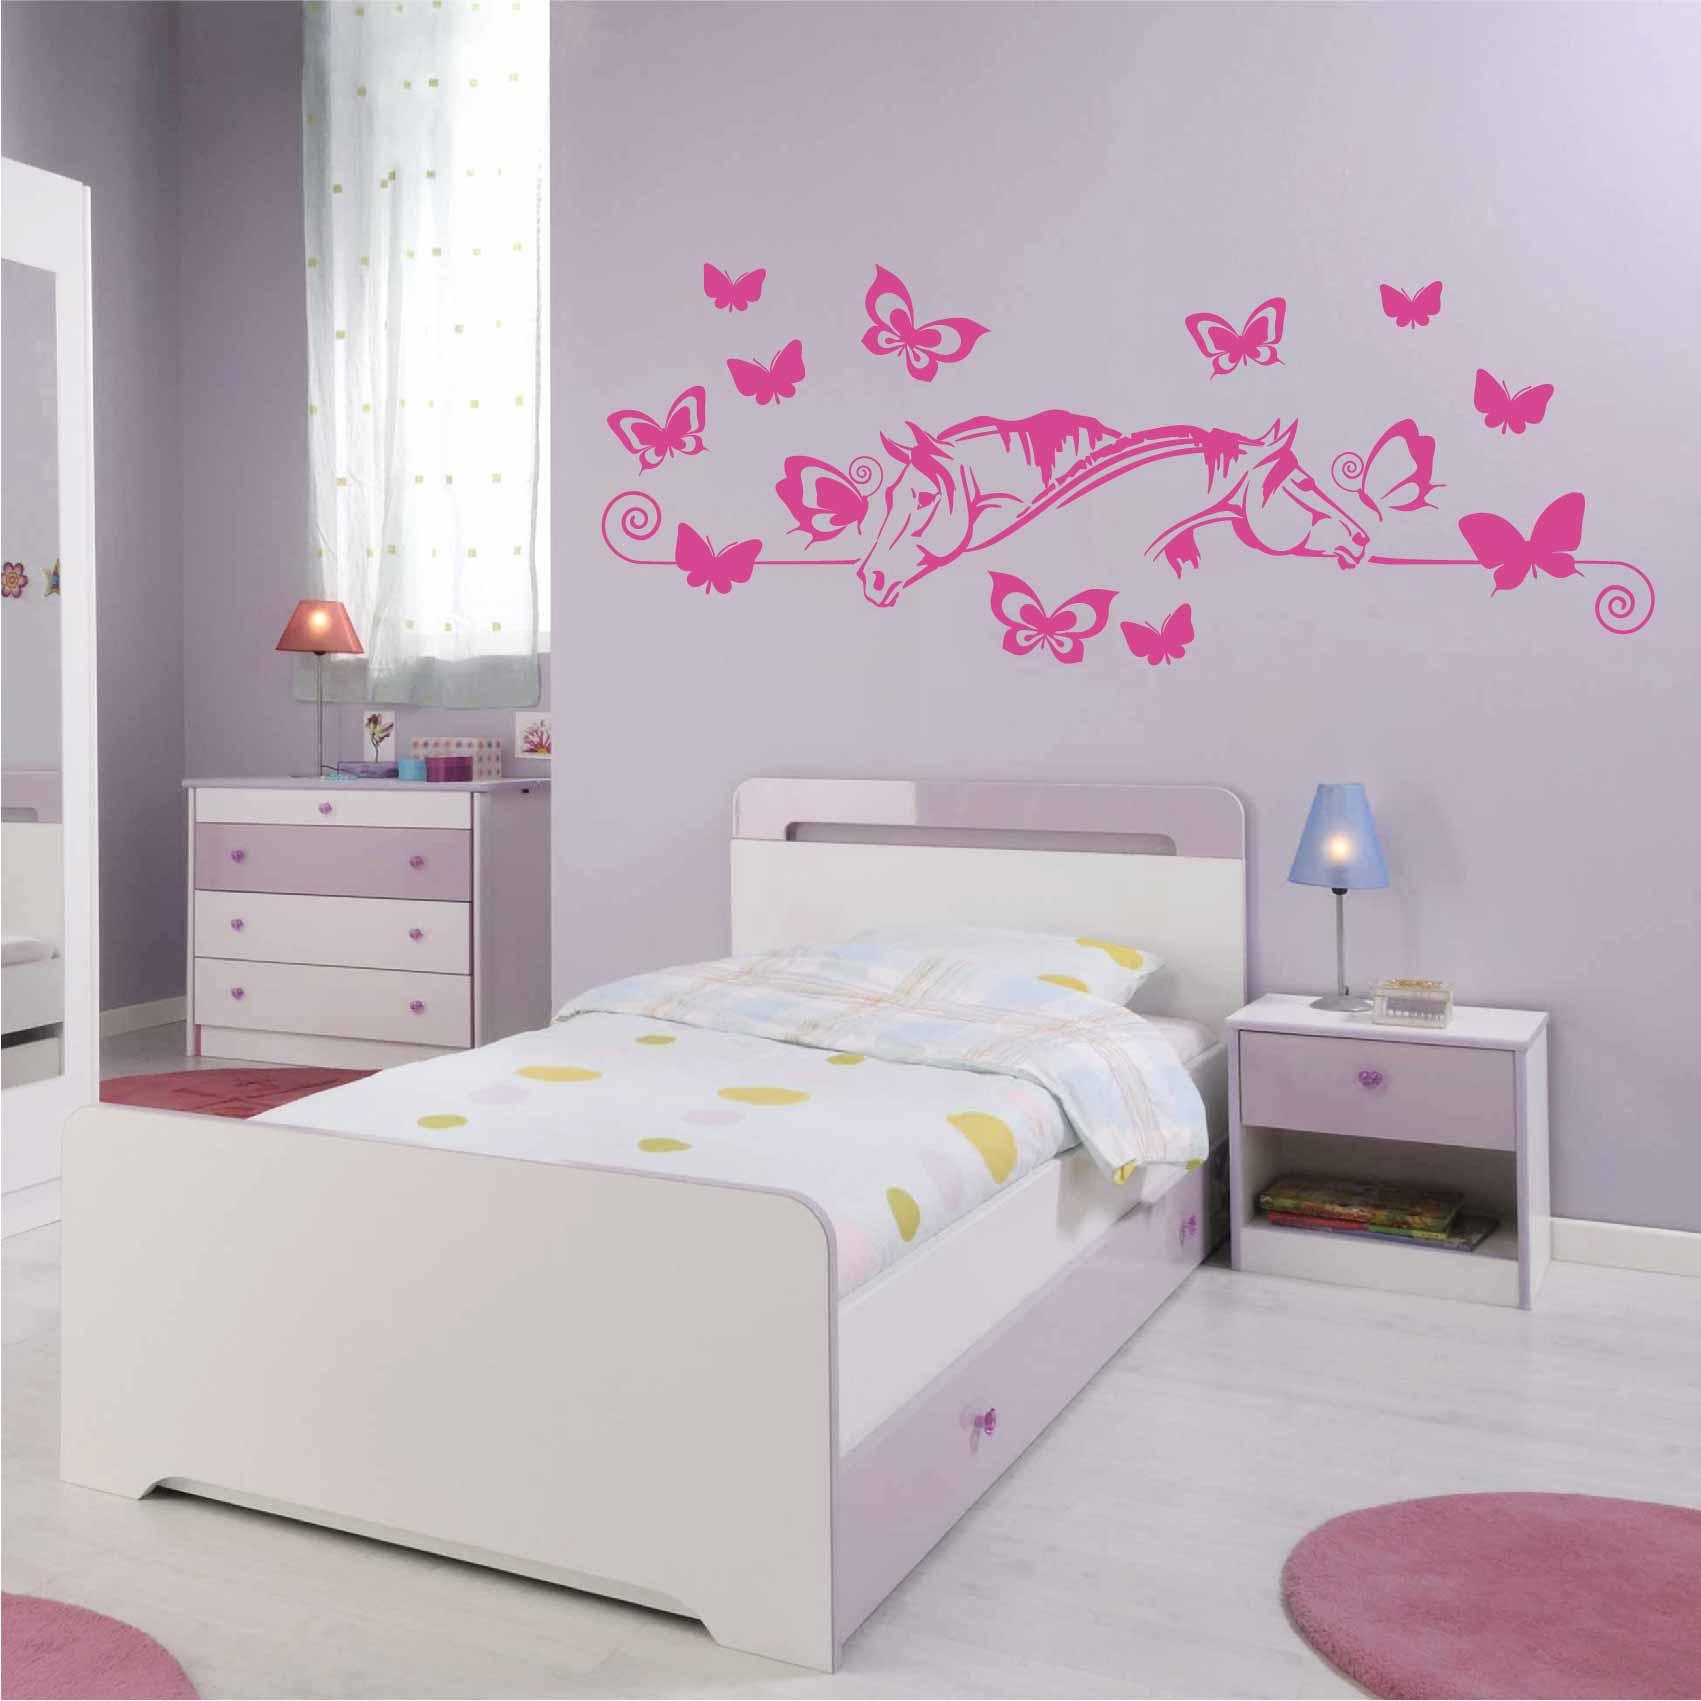 Stickers Papillon Chevaux - Autocollant muraux et deco